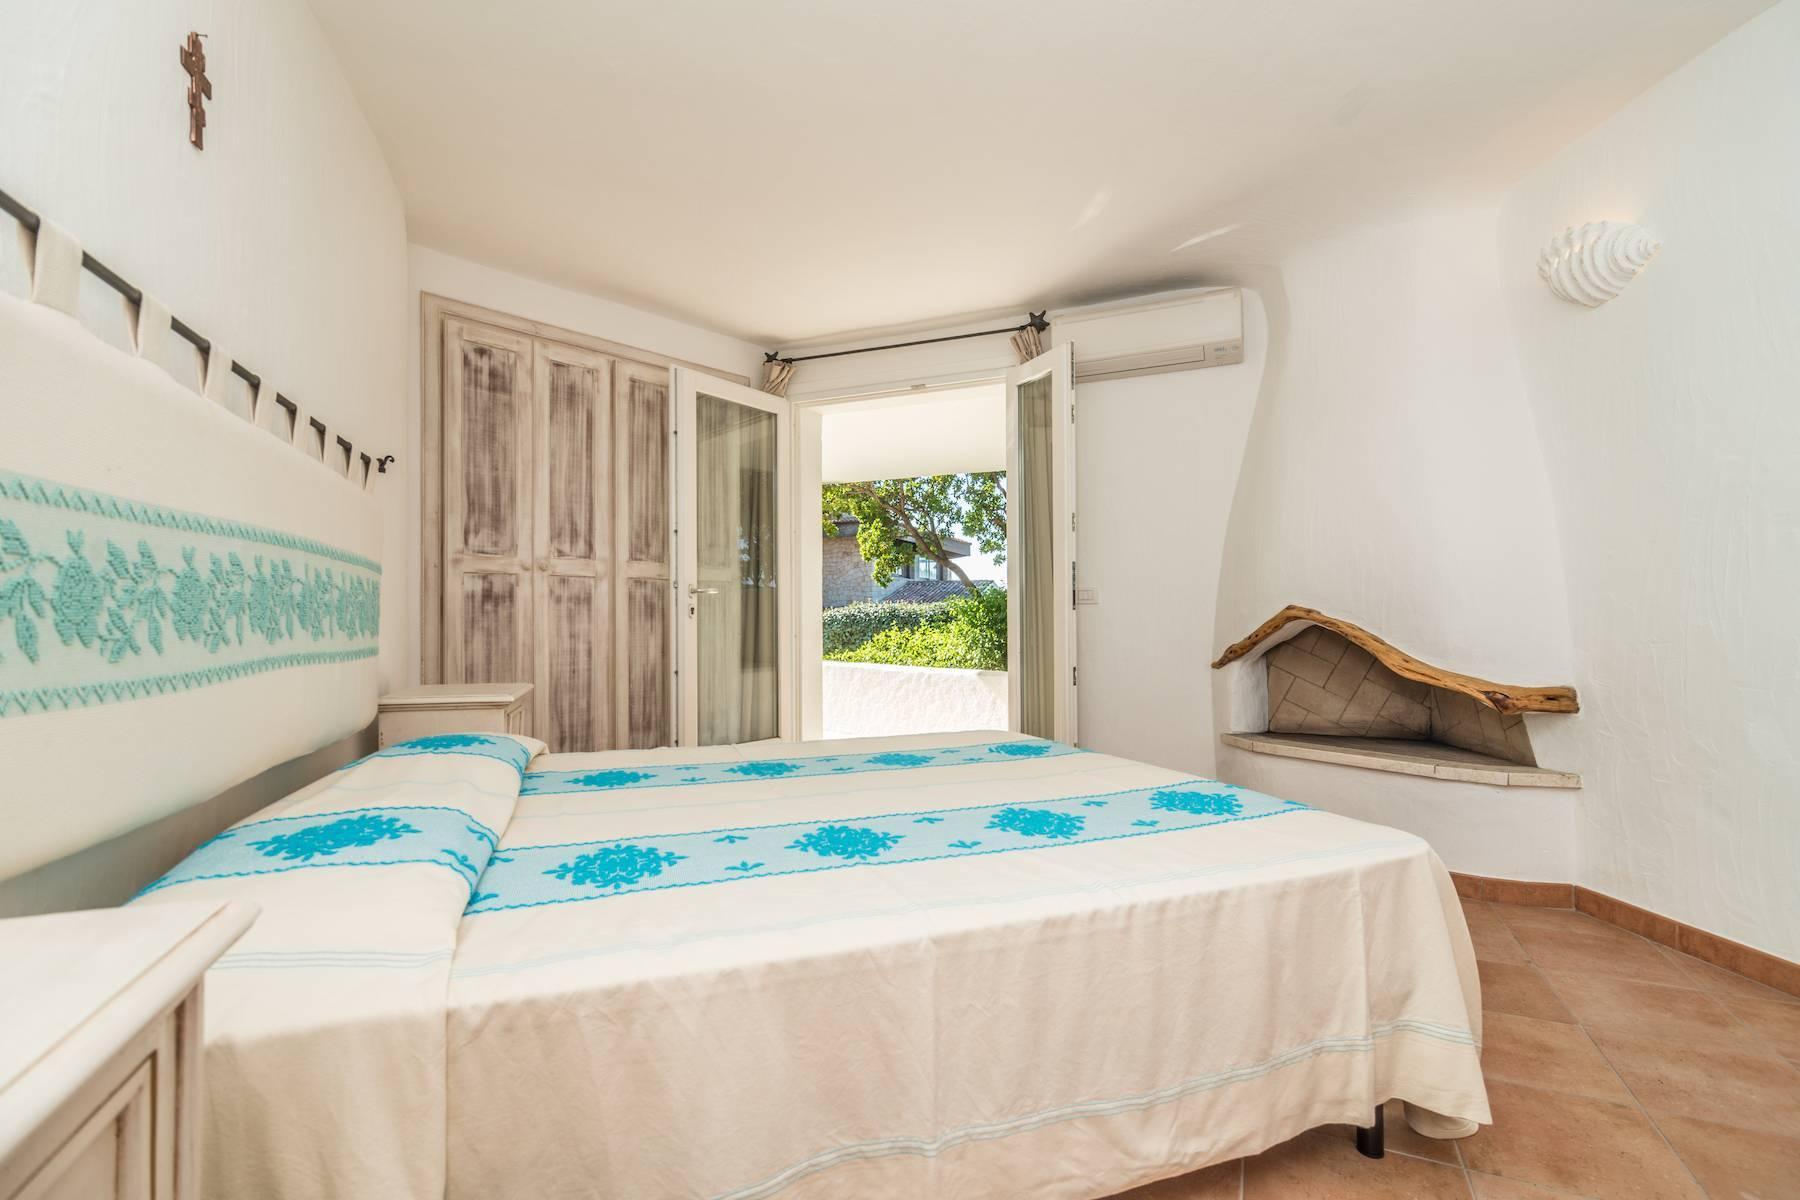 Accogliente villa con piscina privata, a pochi passi dal mare e dal centro di Baja Sardinia - 18